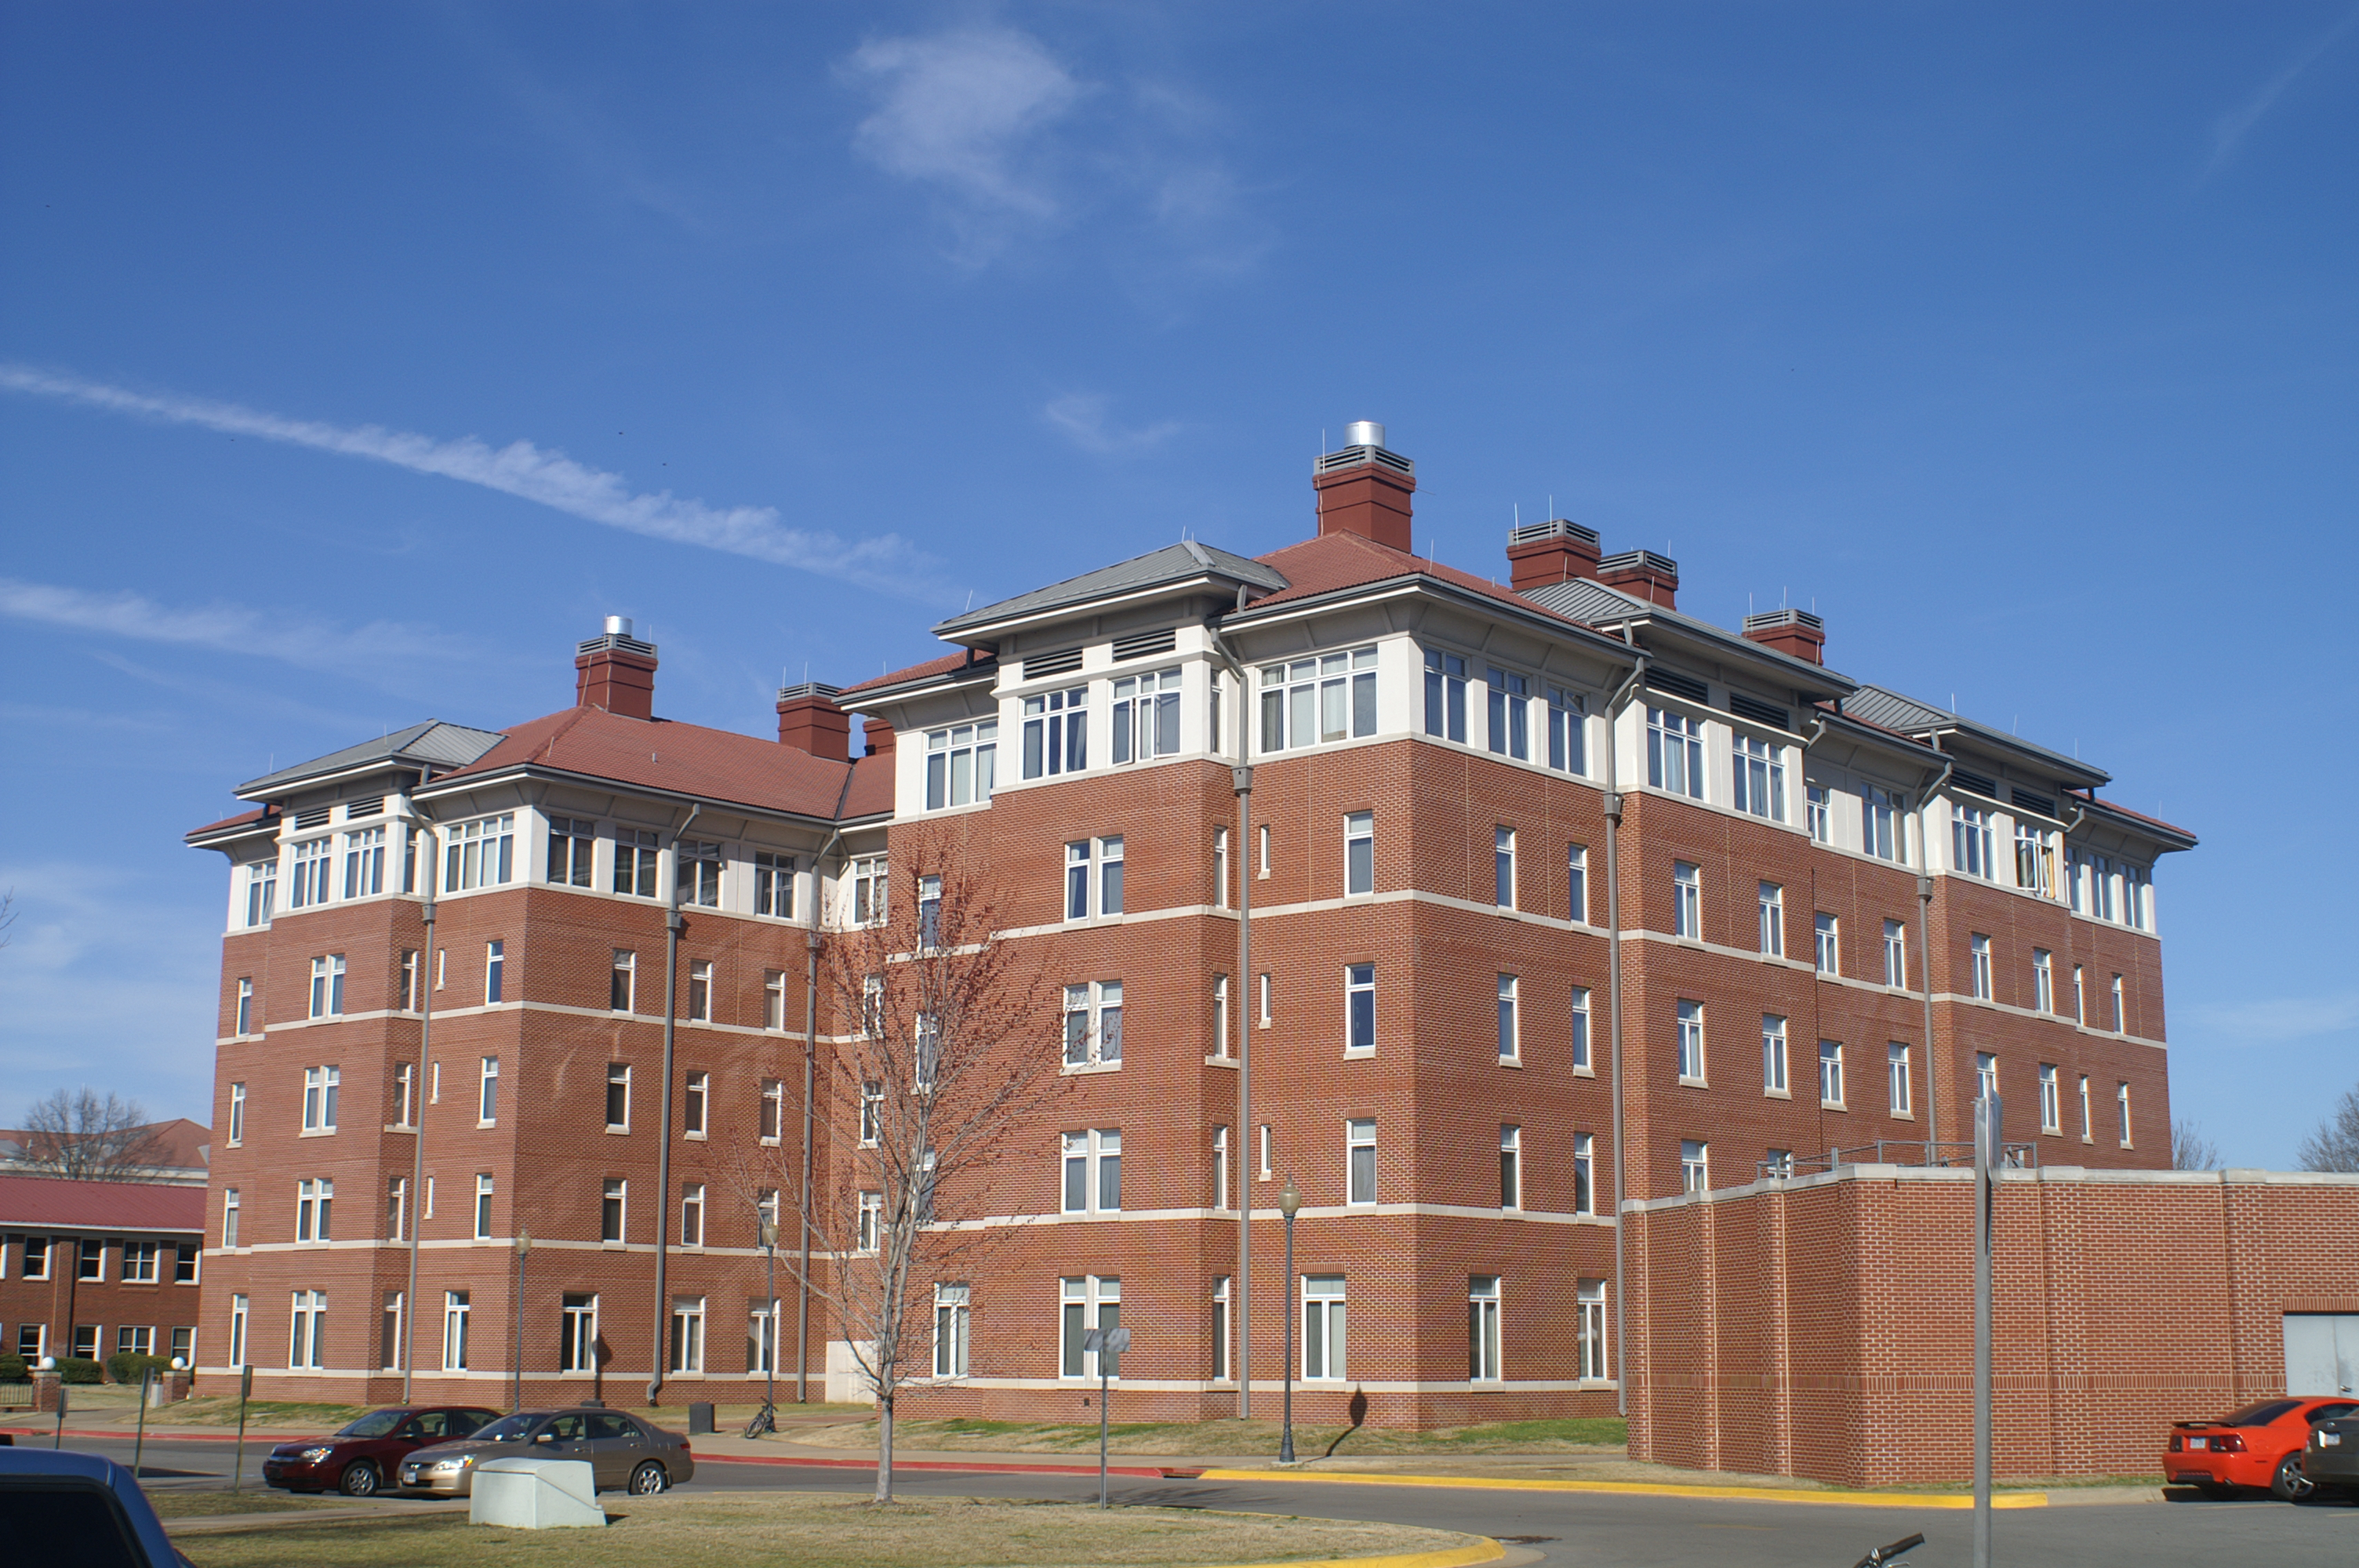 Nutt Hall